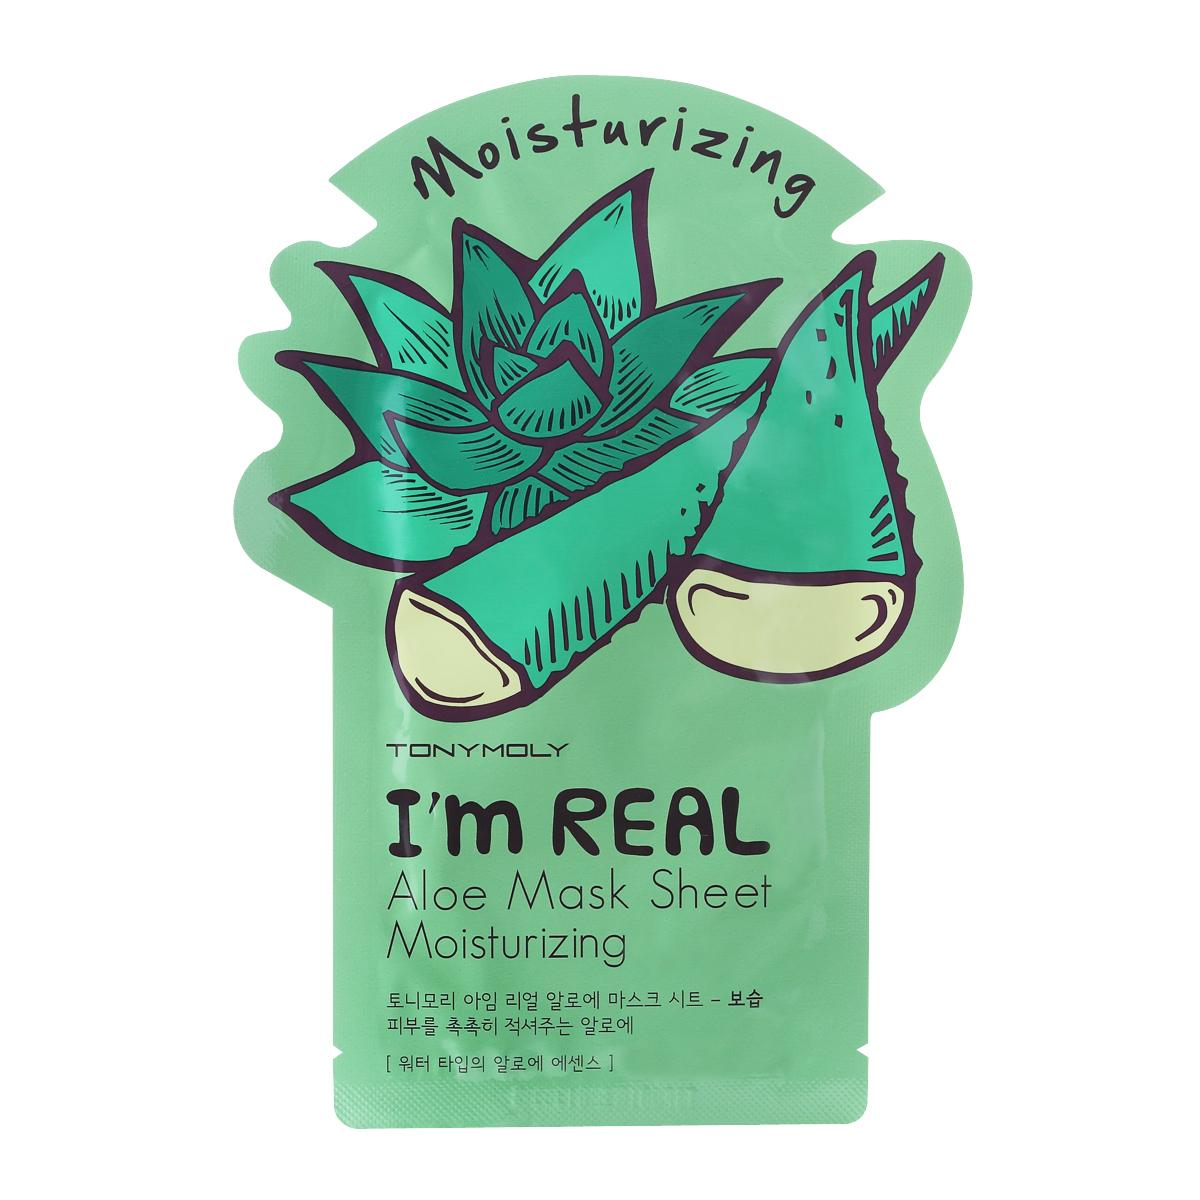 TonyMoly Тканевая маска с экстрактом алое Im Real Aloe Mask Sheet, 21 млFS-00103Увлажняющая маска с экстрактом алоэ создана специально для кожи, нуждающейся в интенсивном питании и увлажнении. Экстракт алоэ успокаивает раздраженную кожу, снимает покраснения, шелушения и раздражения. Кроме алоэ, в состав маски входит большое количество минералов, витаминов и аминокислот, которые улучшают кровообращение, обладают бактерицидным действием и уменьшают проявление угрей и прыщей. Маска подходит для любой кожи, нуждающейся в интенсивном увлажнении и питании. Не содержит парабенов, талька и искусственных красителей. Марка Tony Moly чаще всего размещает на упаковке (внизу или наверху на спайке двух сторон упаковки, на дне банки, на тубе сбоку) дату изготовления в формате: год/месяц/дата.